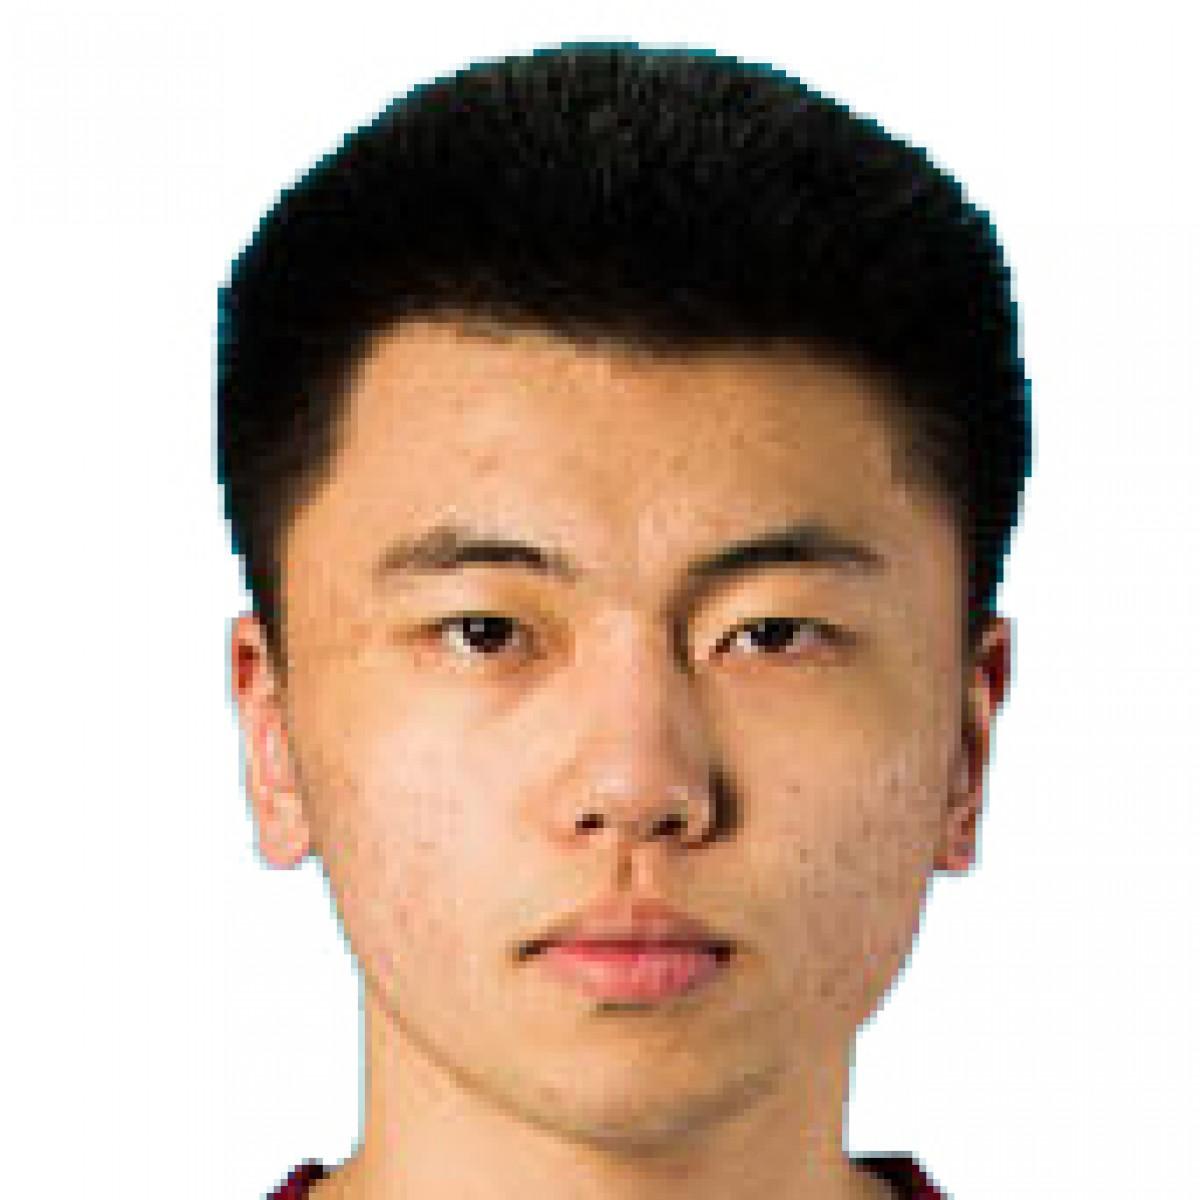 Yi Xing Zhang